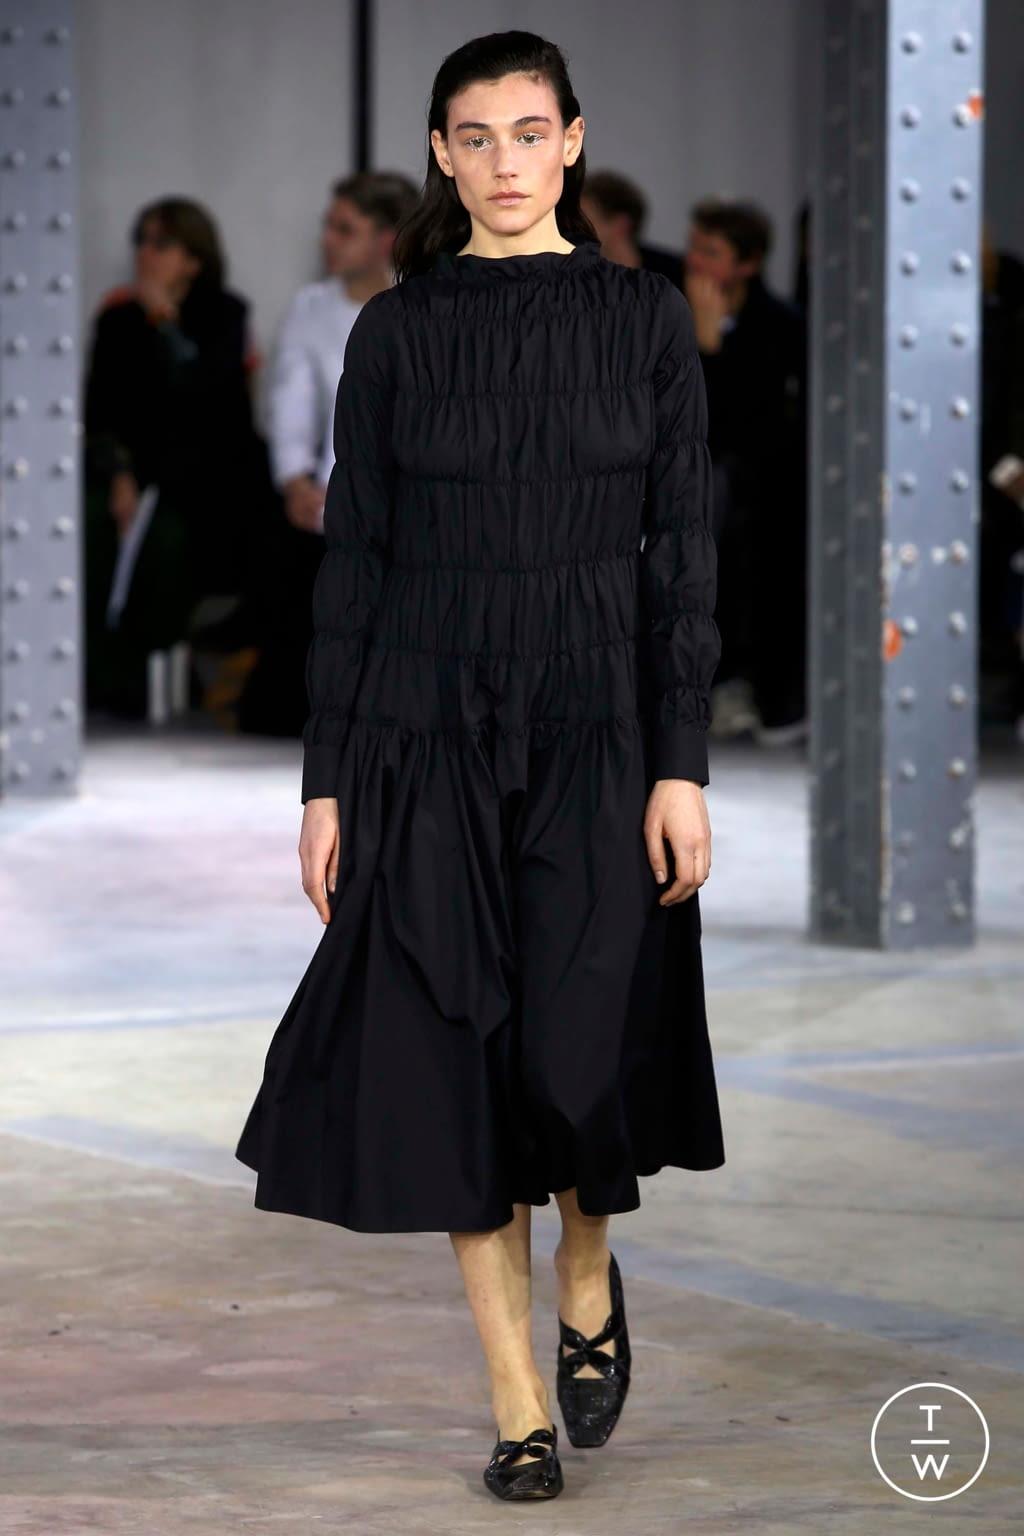 Fashion Week Paris Fall/Winter 2018 look 11 de la collection Anaïs Jourden womenswear